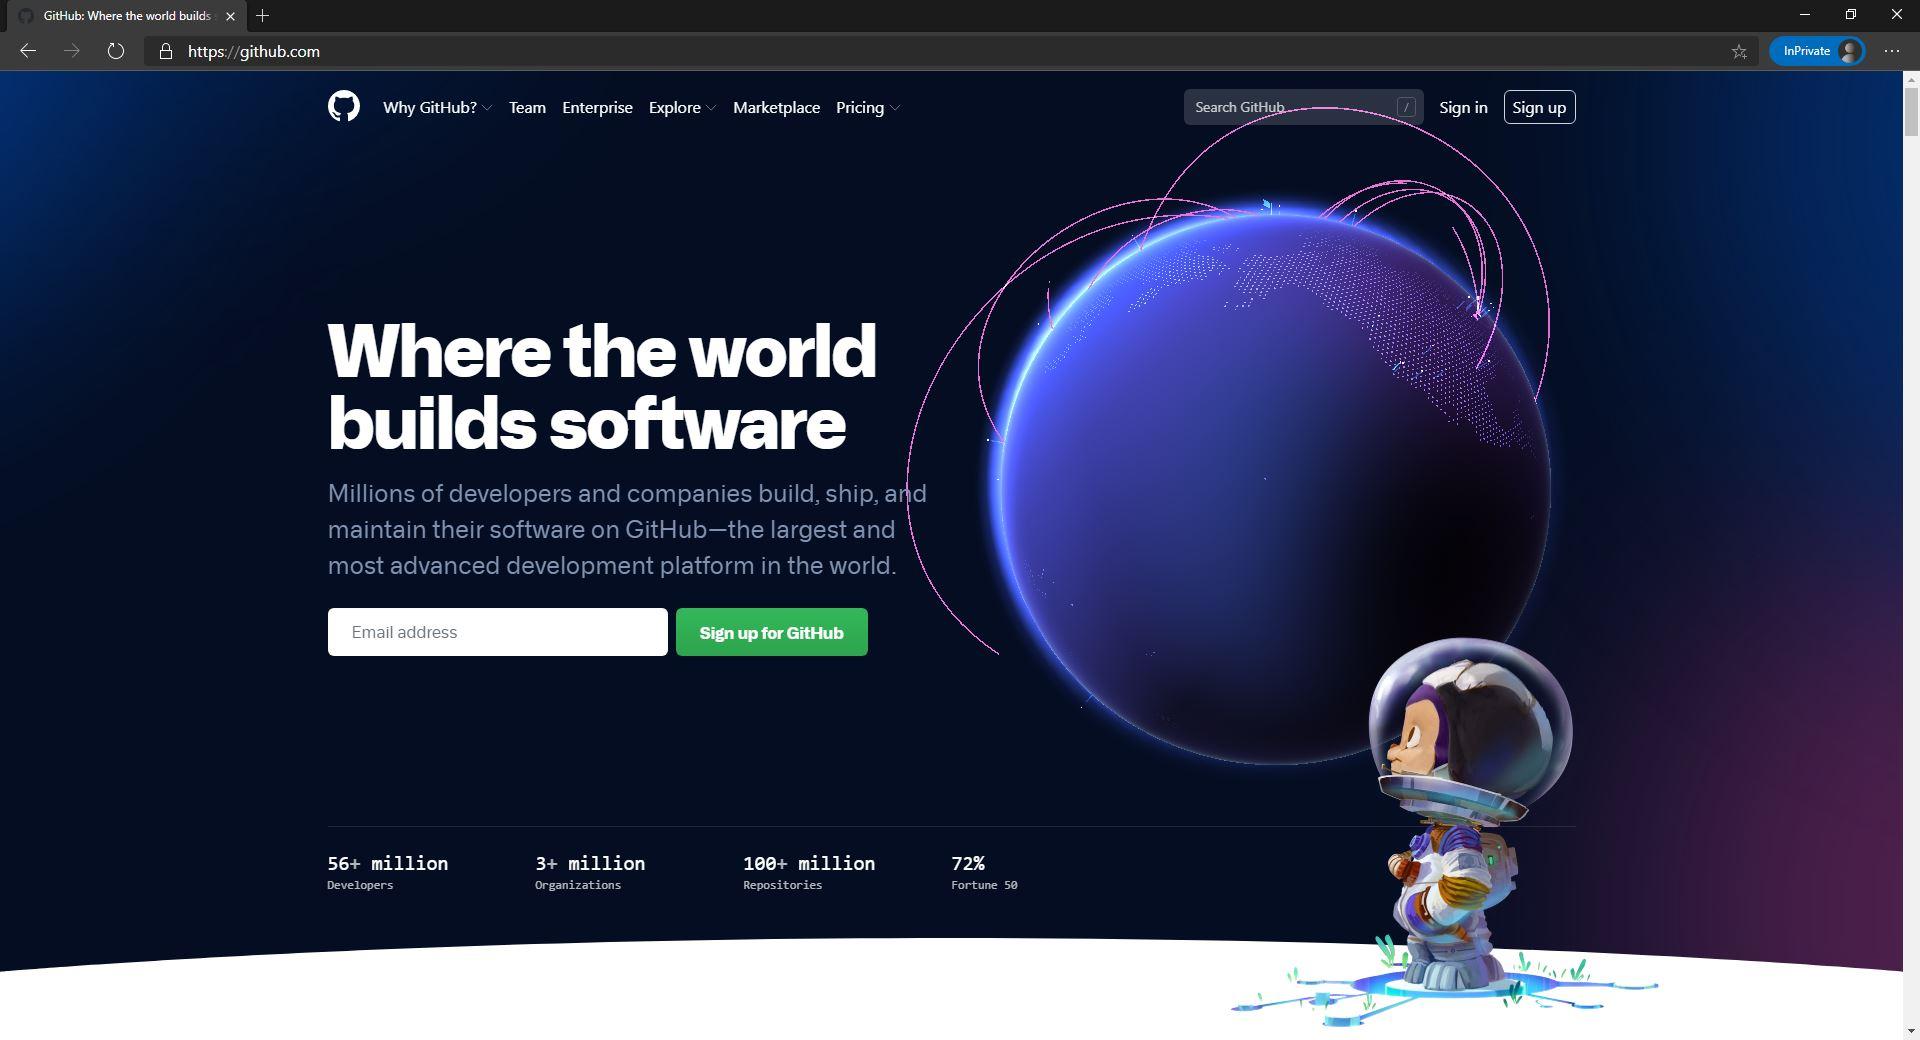 GitHub website